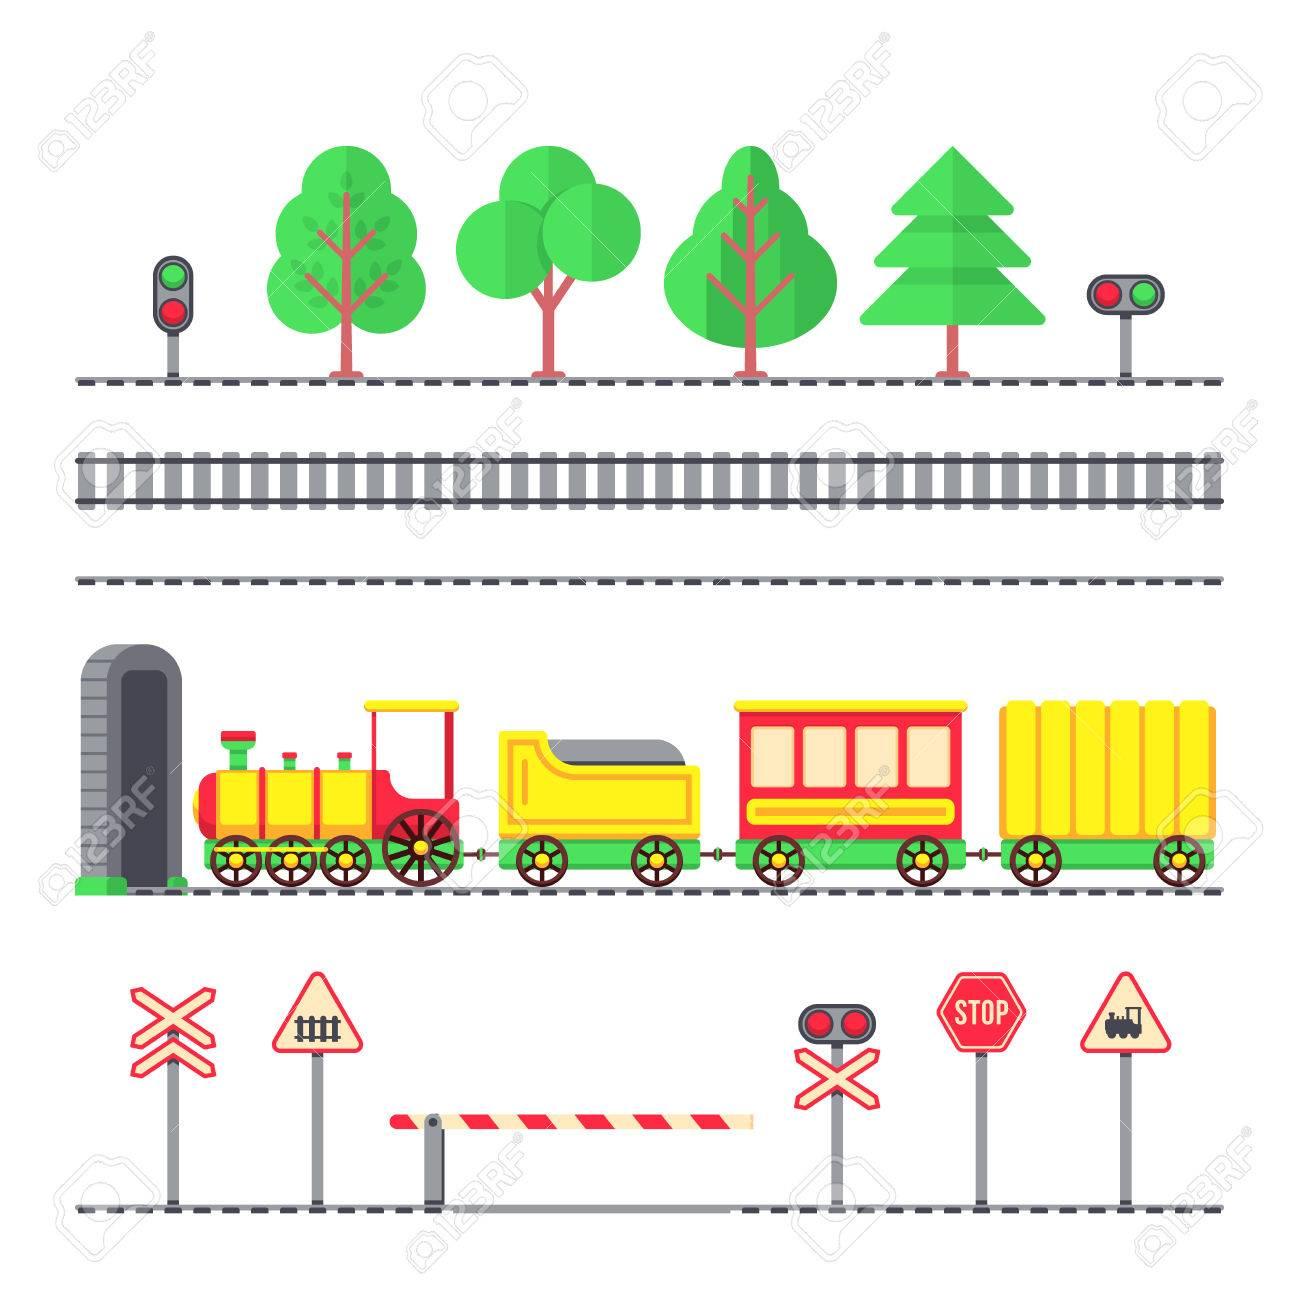 De Juguete Con SemáforosLocomotora Dibujos AnimadosFerrocarril NiñosSeñales Pasajeros Tren Y RjAL54